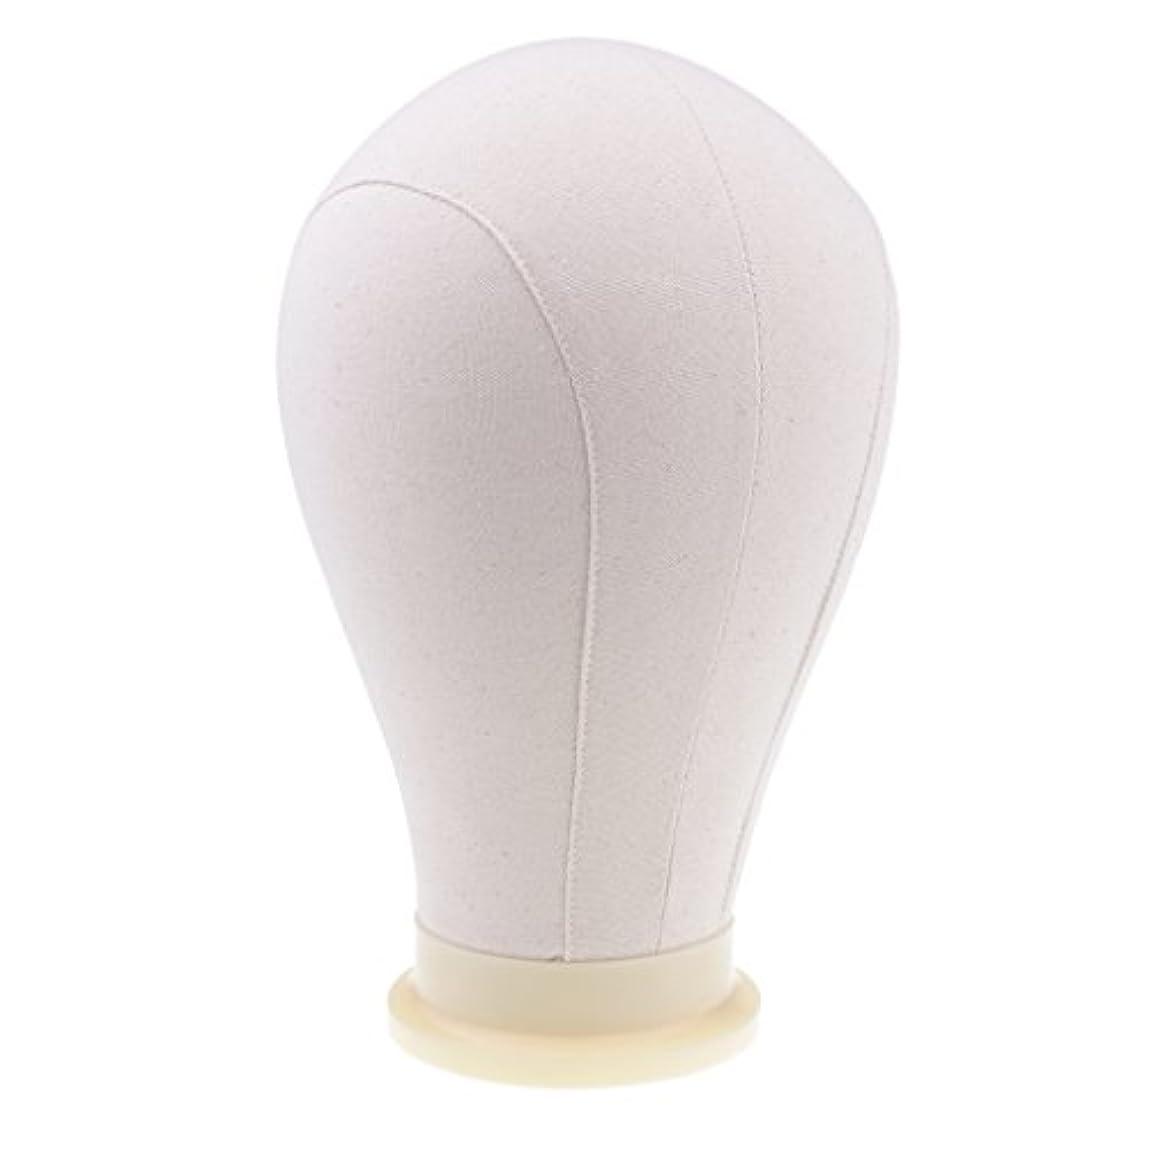 摘む教えて陰謀DYNWAVE かつら 帽子 ディスプレイ キャンバスブロック マネキンヘッド 帽子作り ピン付き 4サイズ - 24インチ